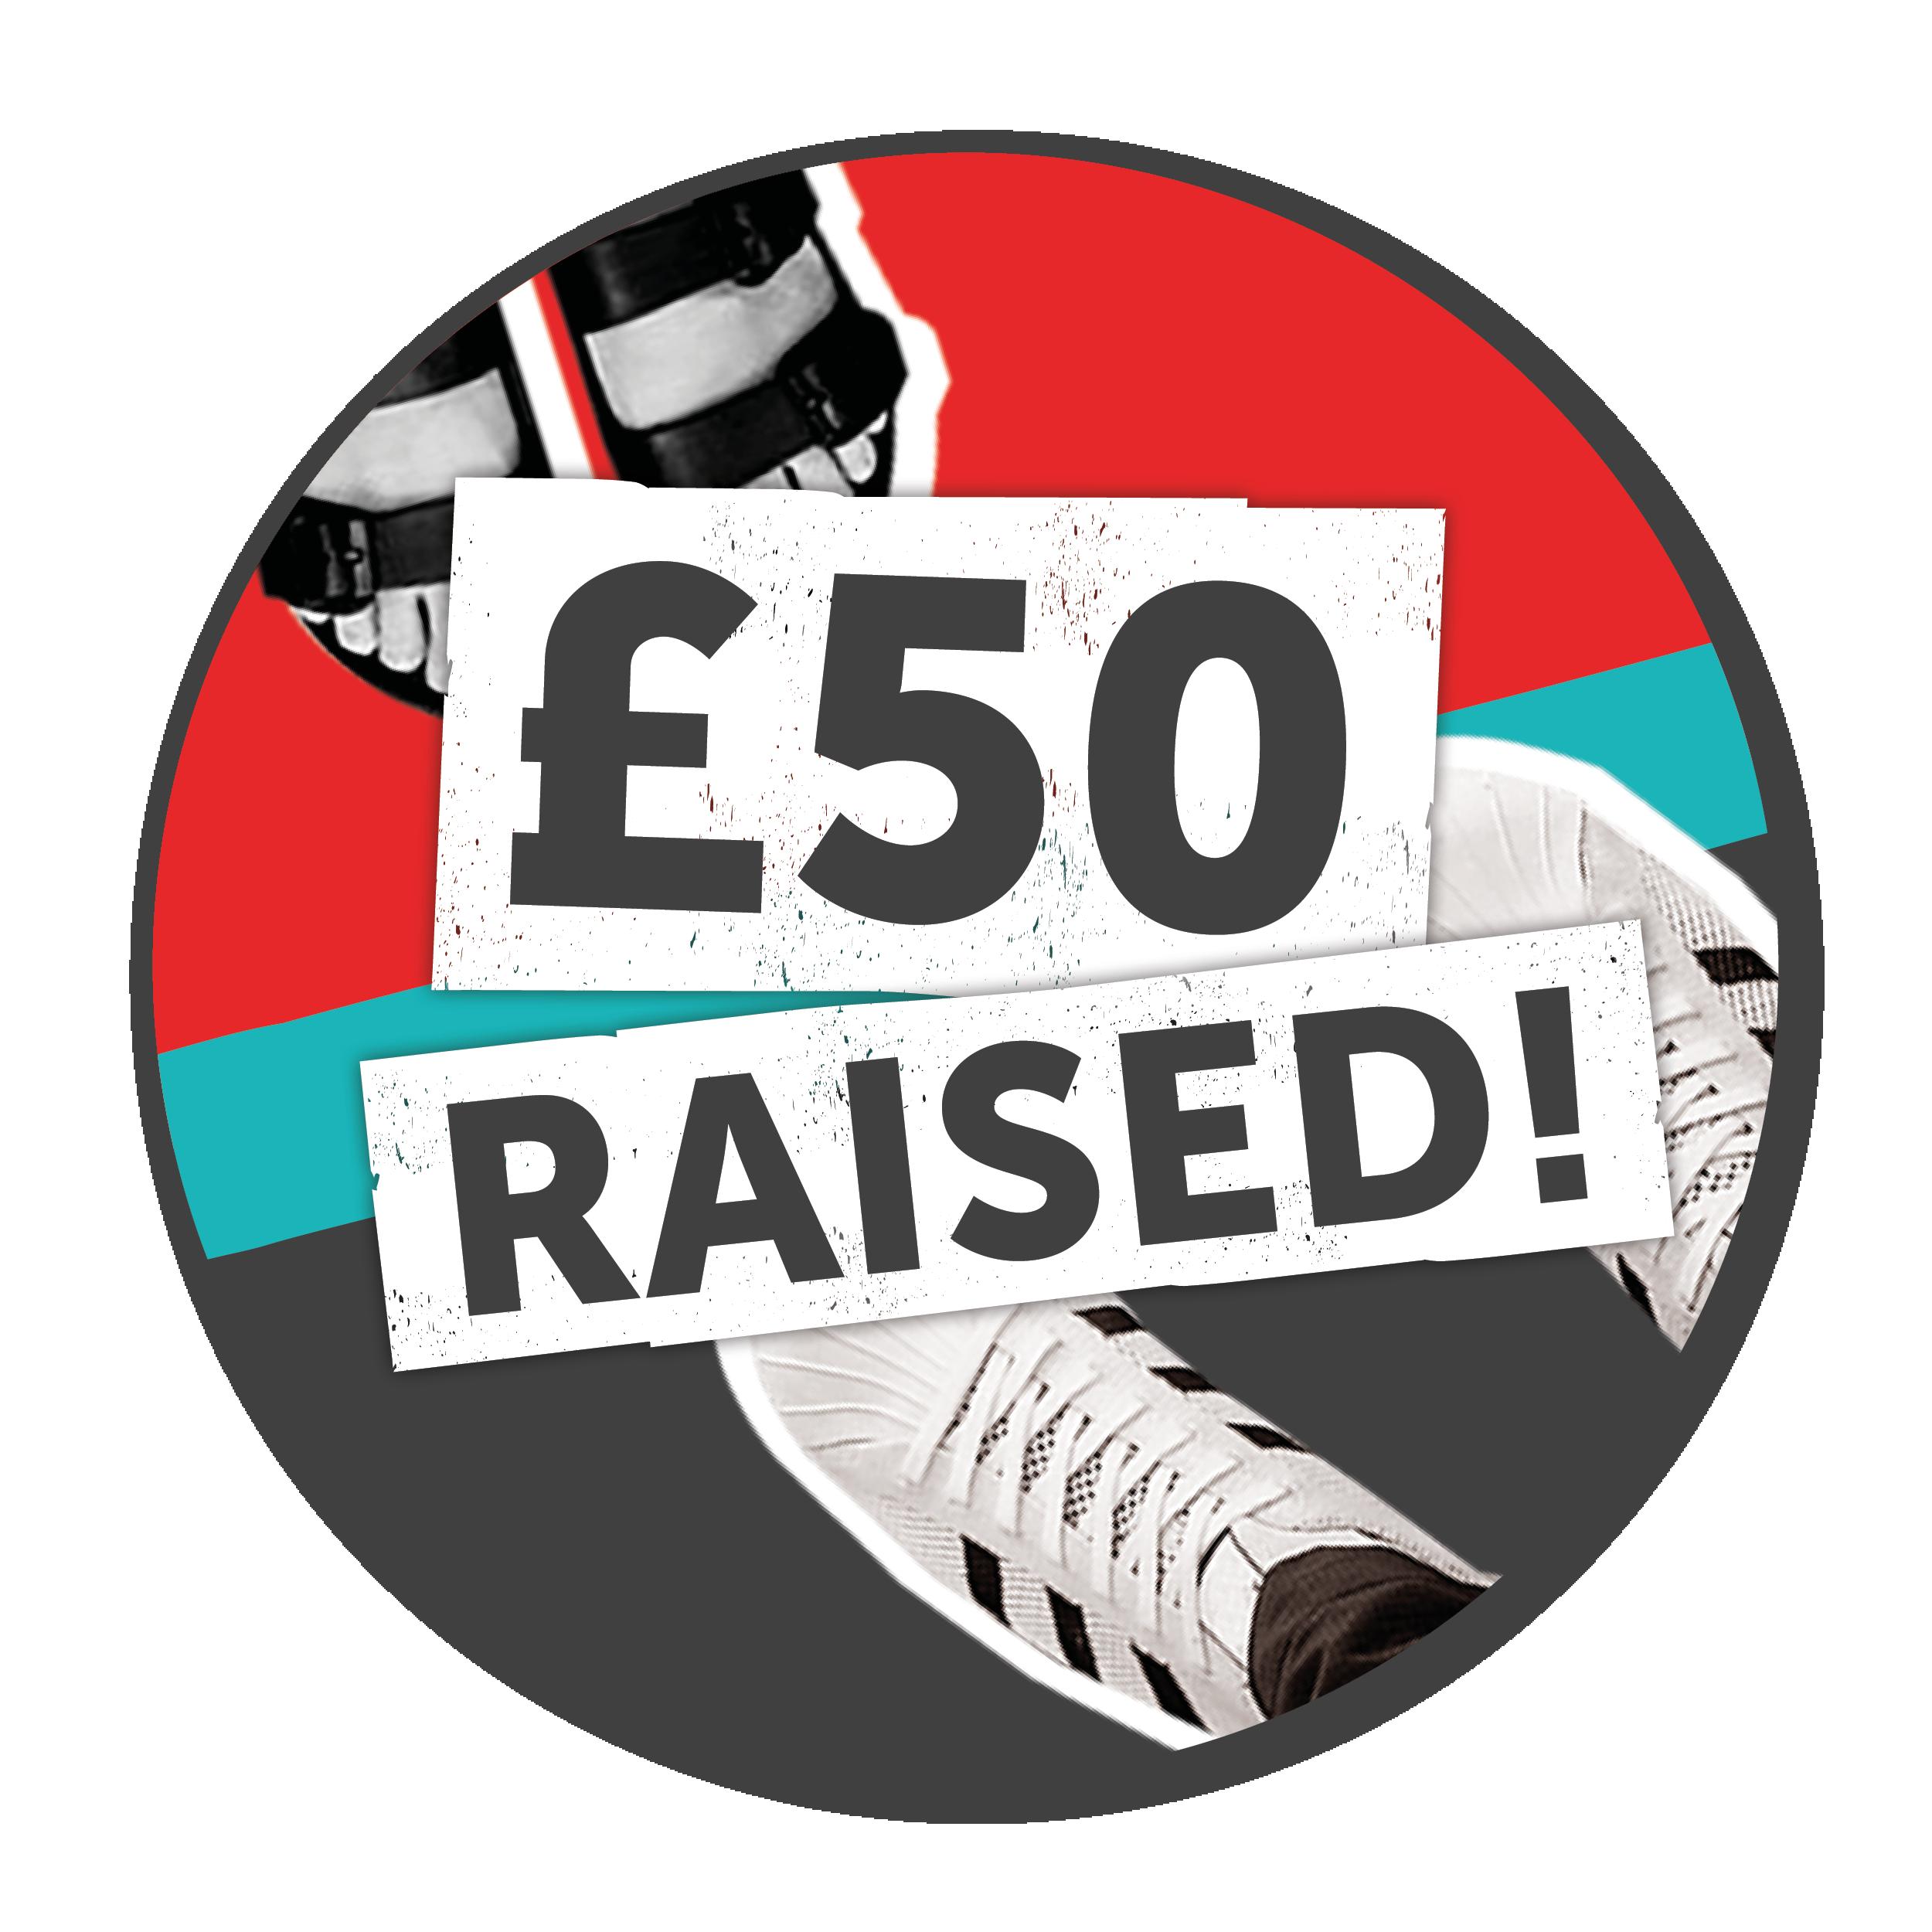 £50 raised!